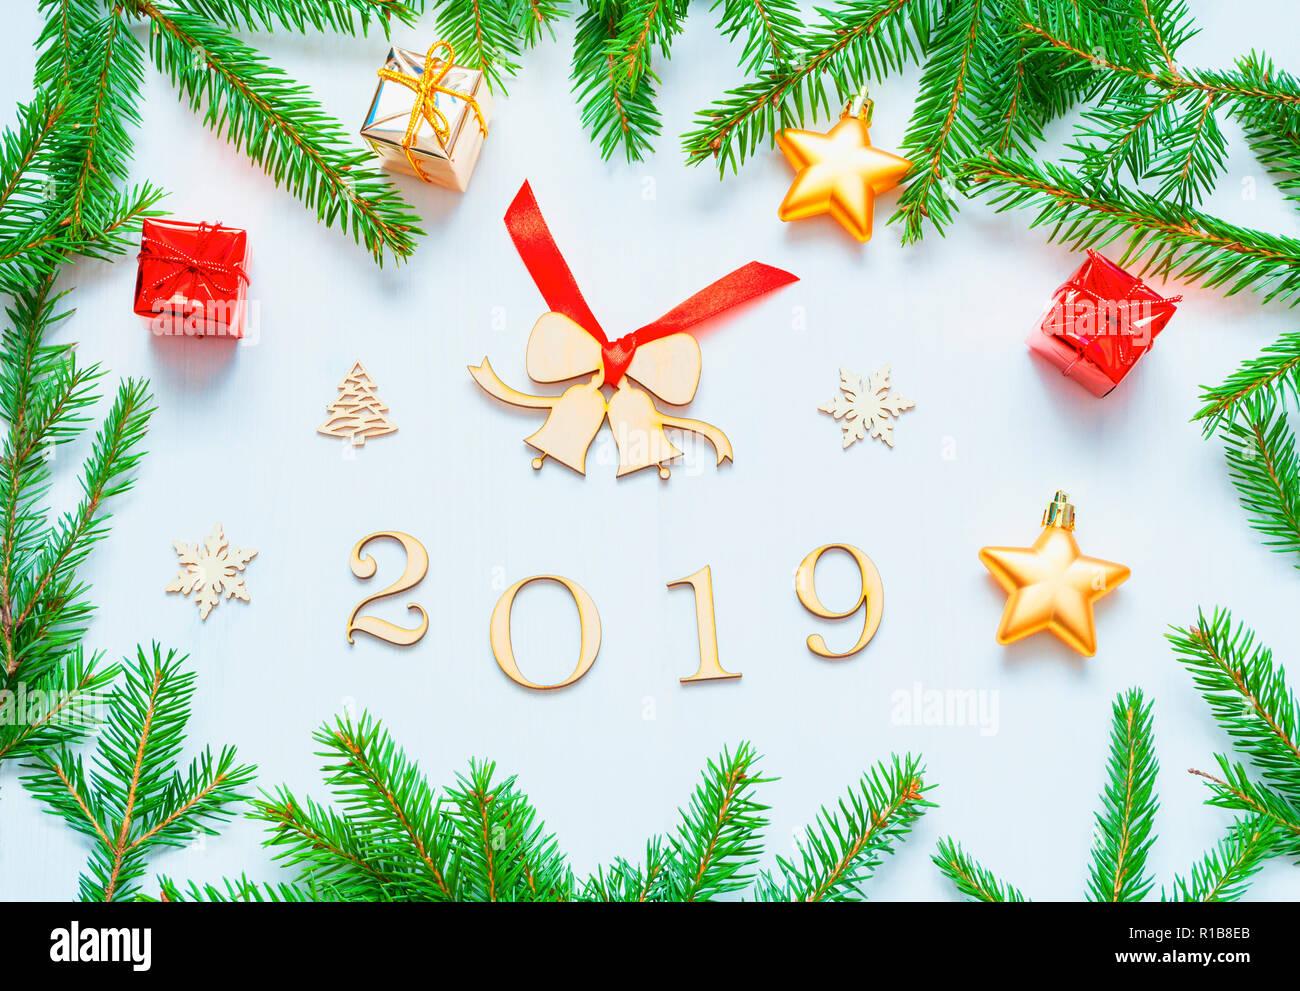 NavidadRamas 2019 De Año Nuevo Con FigurasJuguetes Fondo DH9IE2